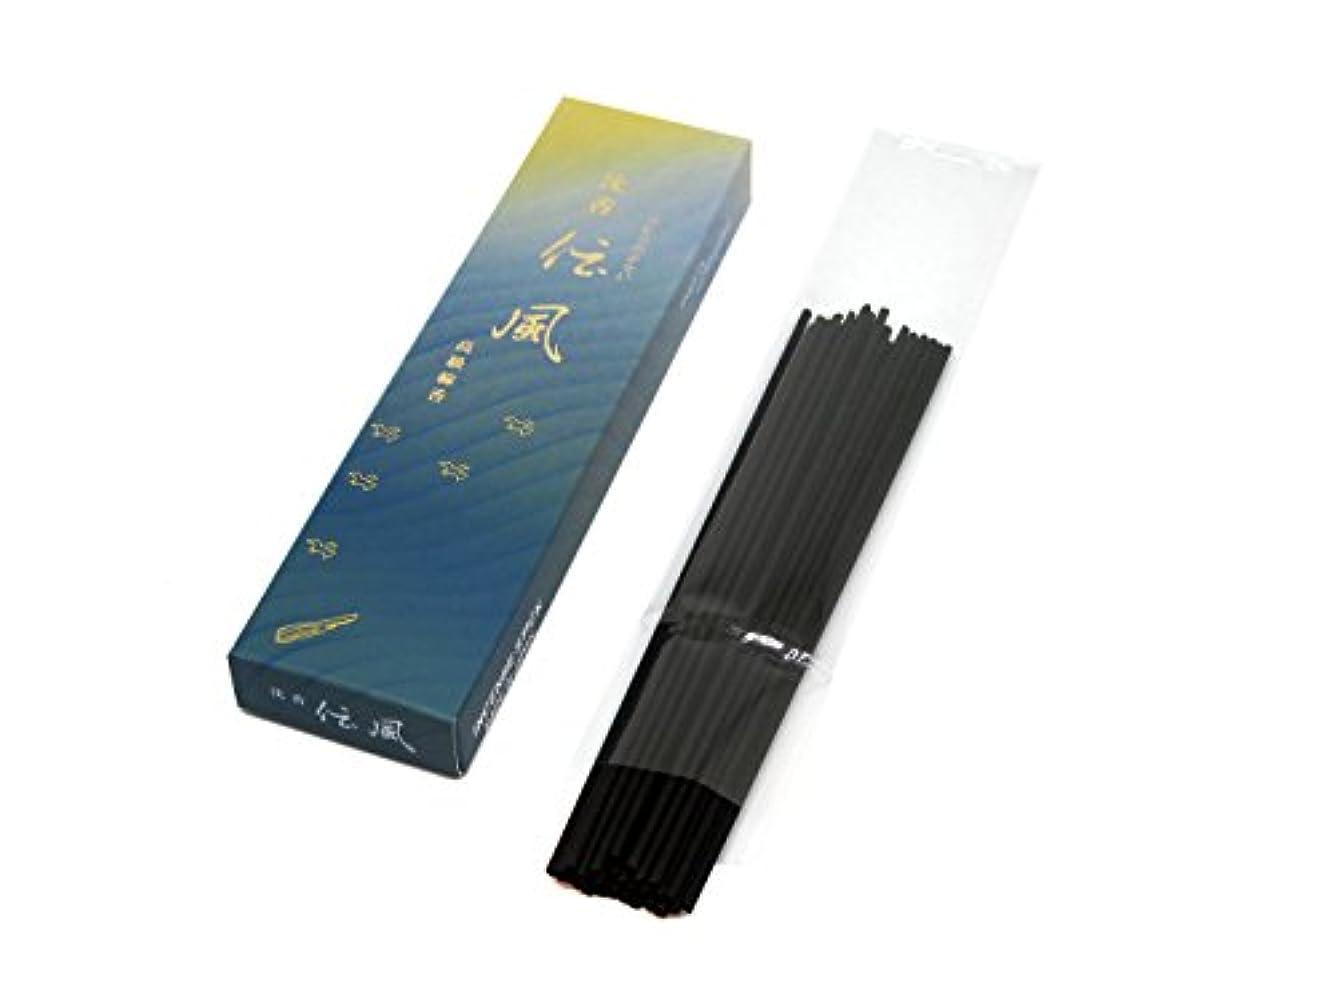 きしむ安全な磁石gyokushodo Agarwood / Aloeswood / Oud Japanese Incense Sticks jinko Denpu Less煙タイプスモールパックトライアルサイズ5.5インチ30 Sticks日本製